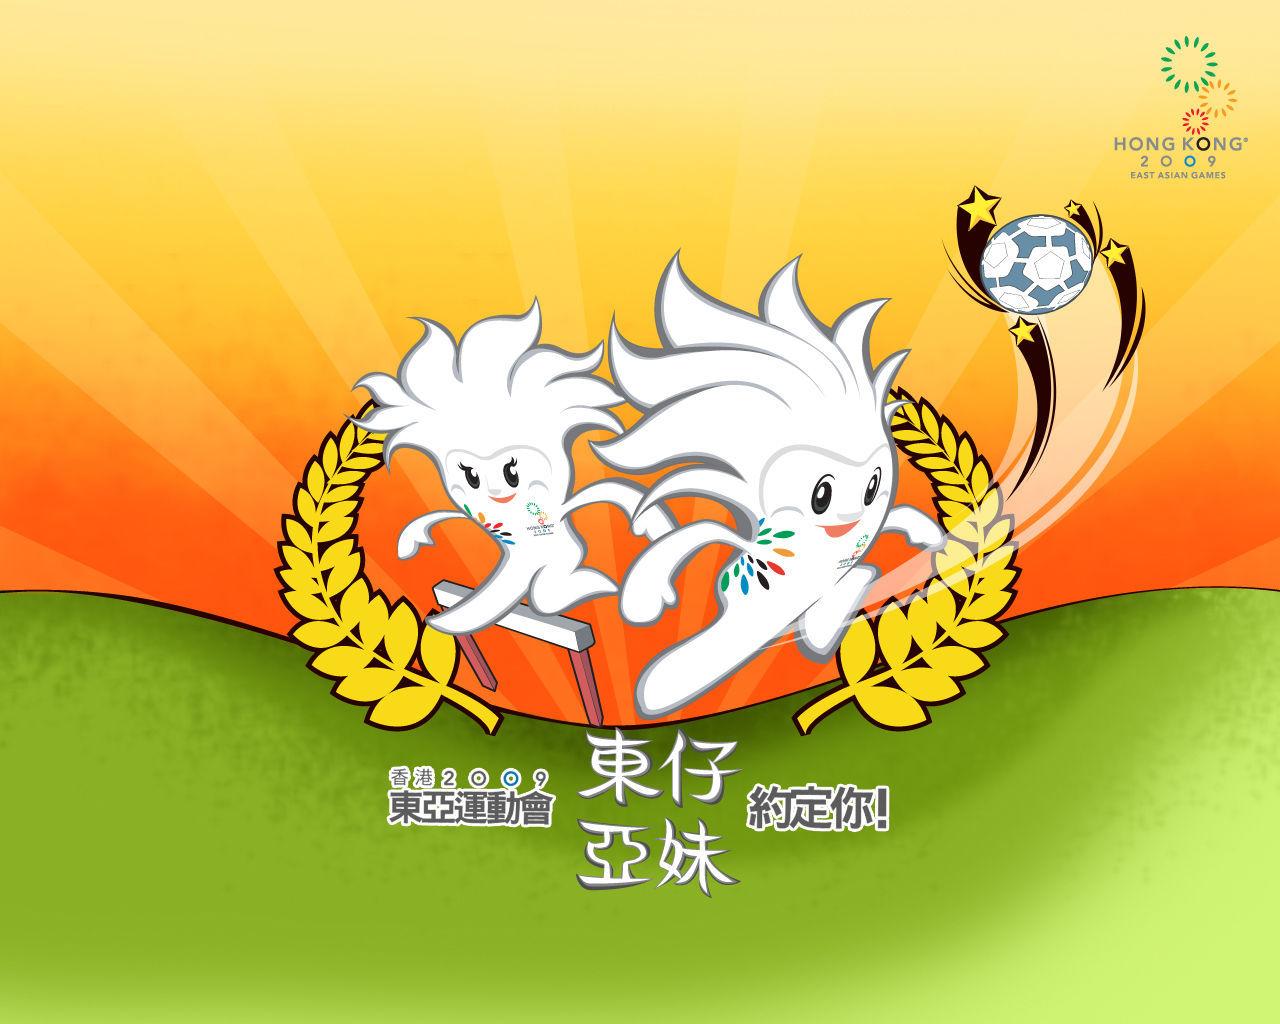 东亚会_2009年东亚运动会_360百科